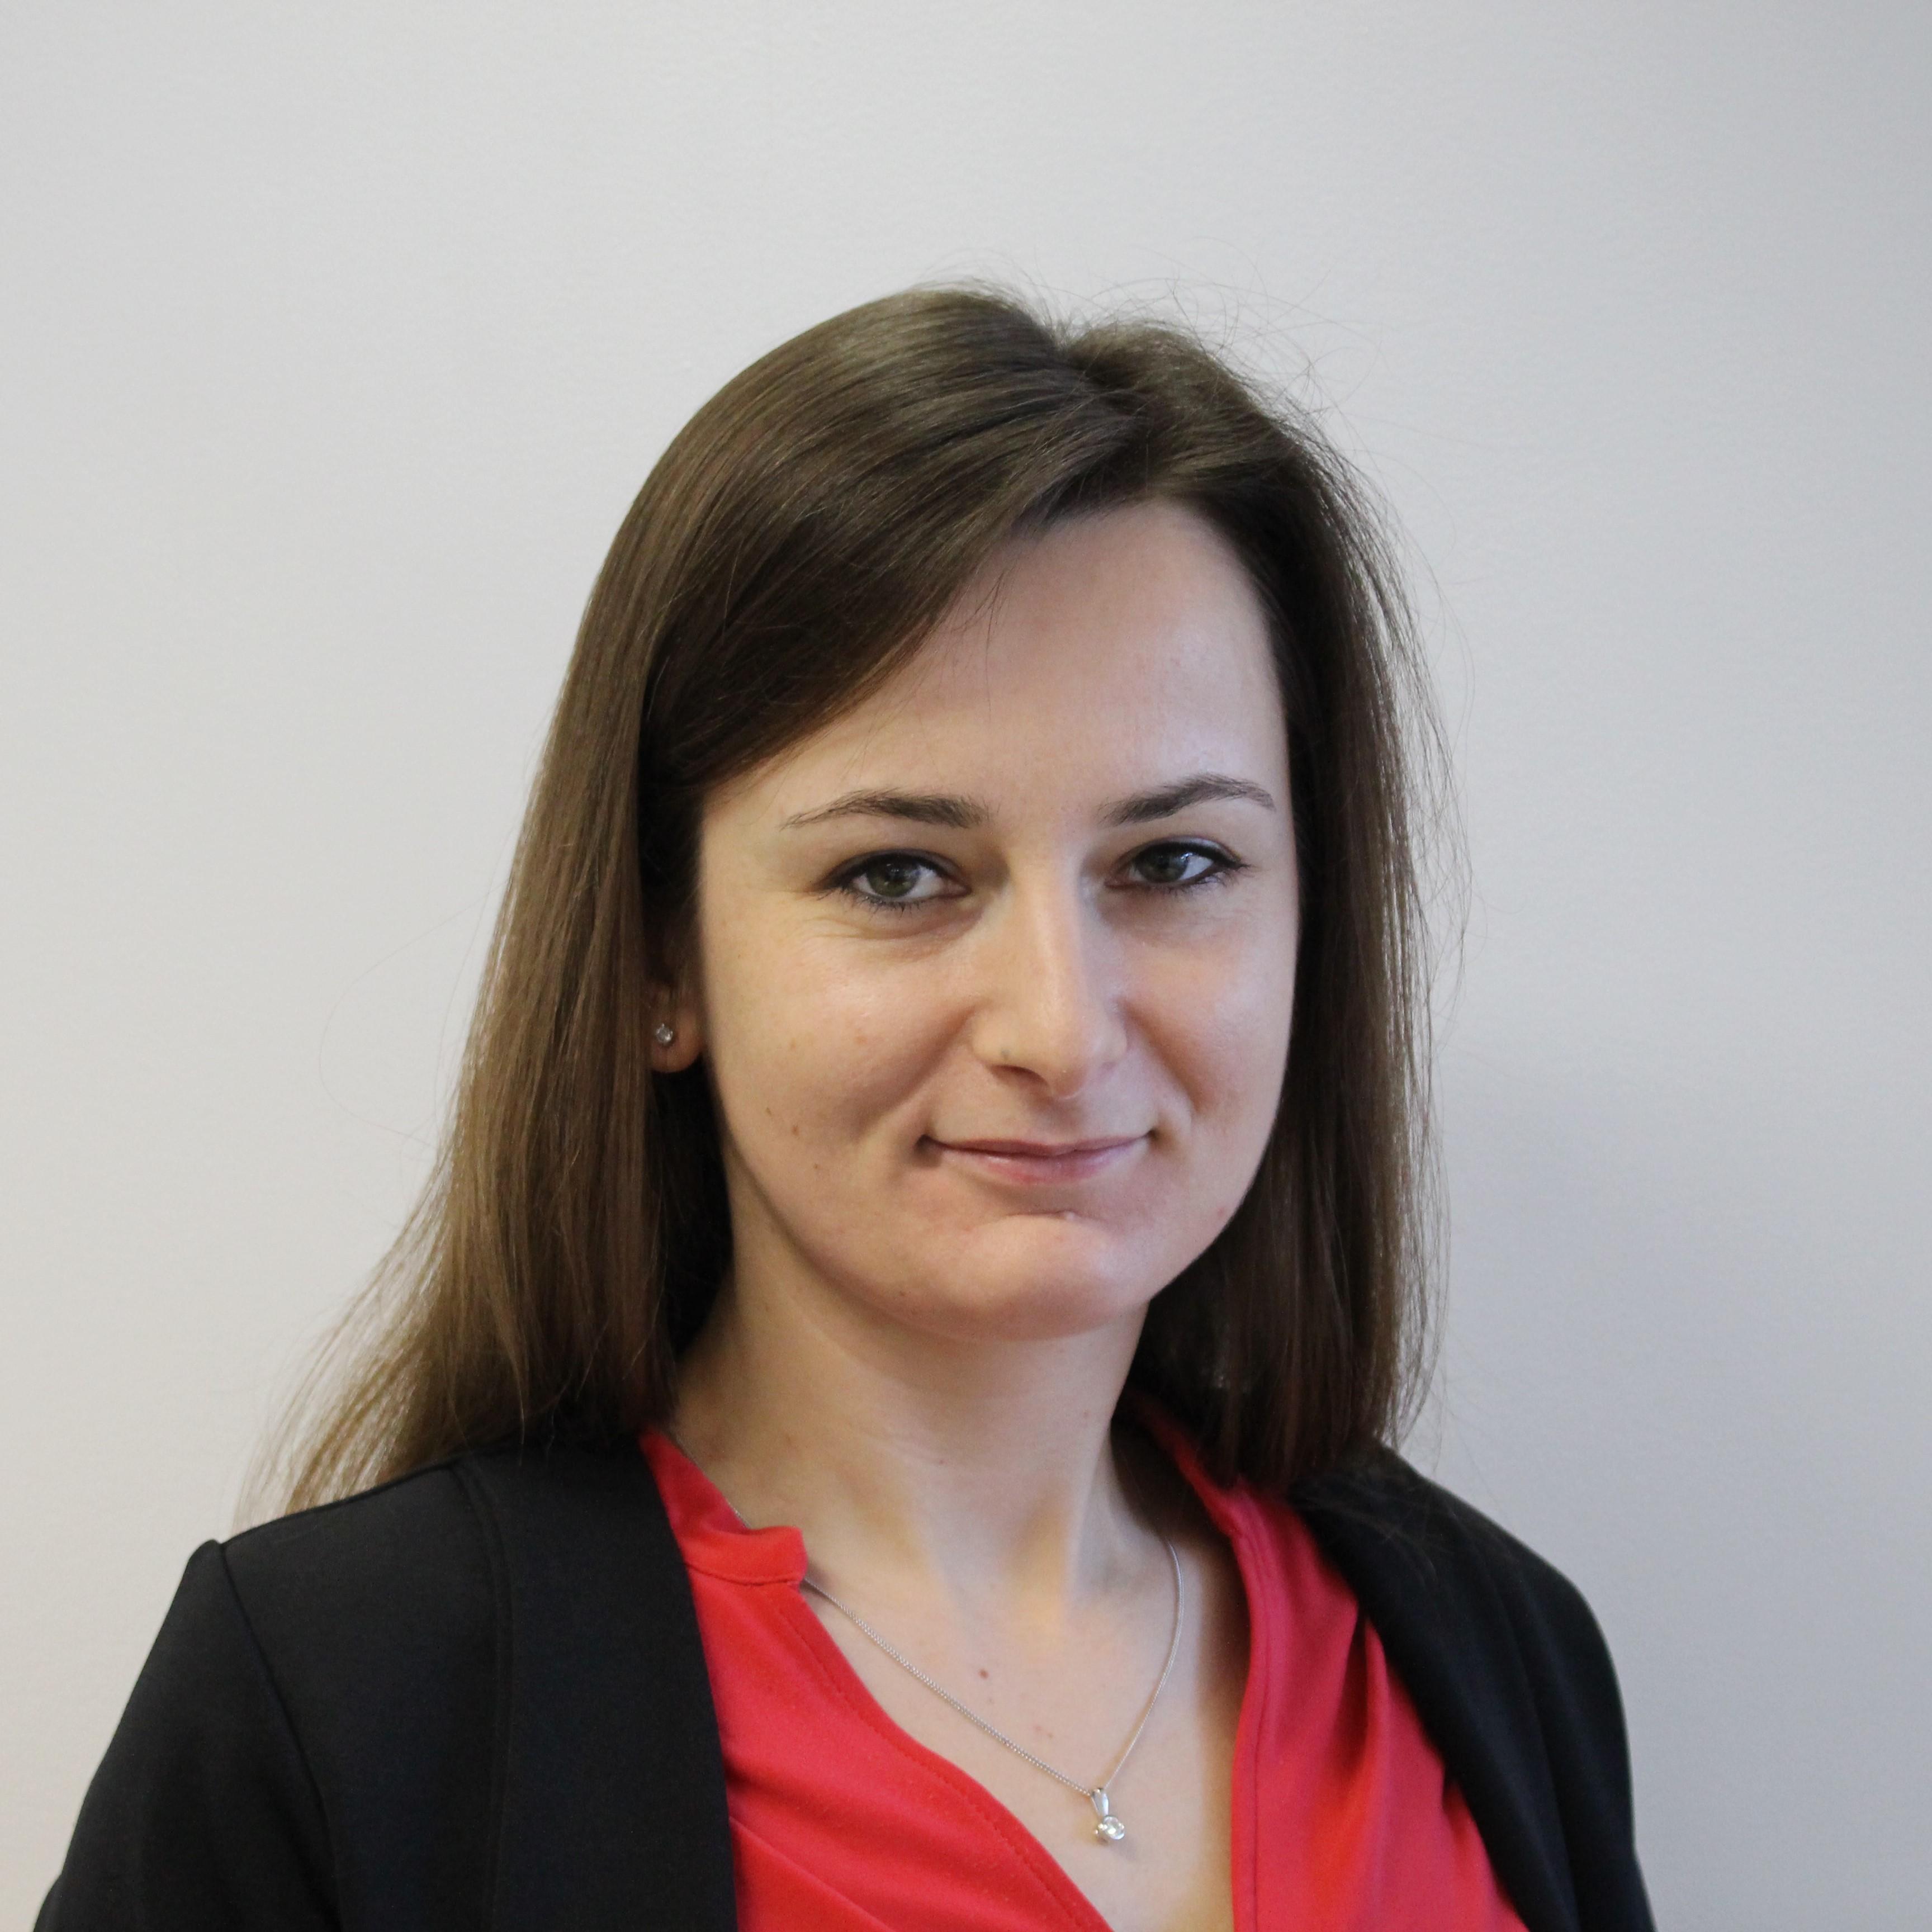 Justyna Hubisz